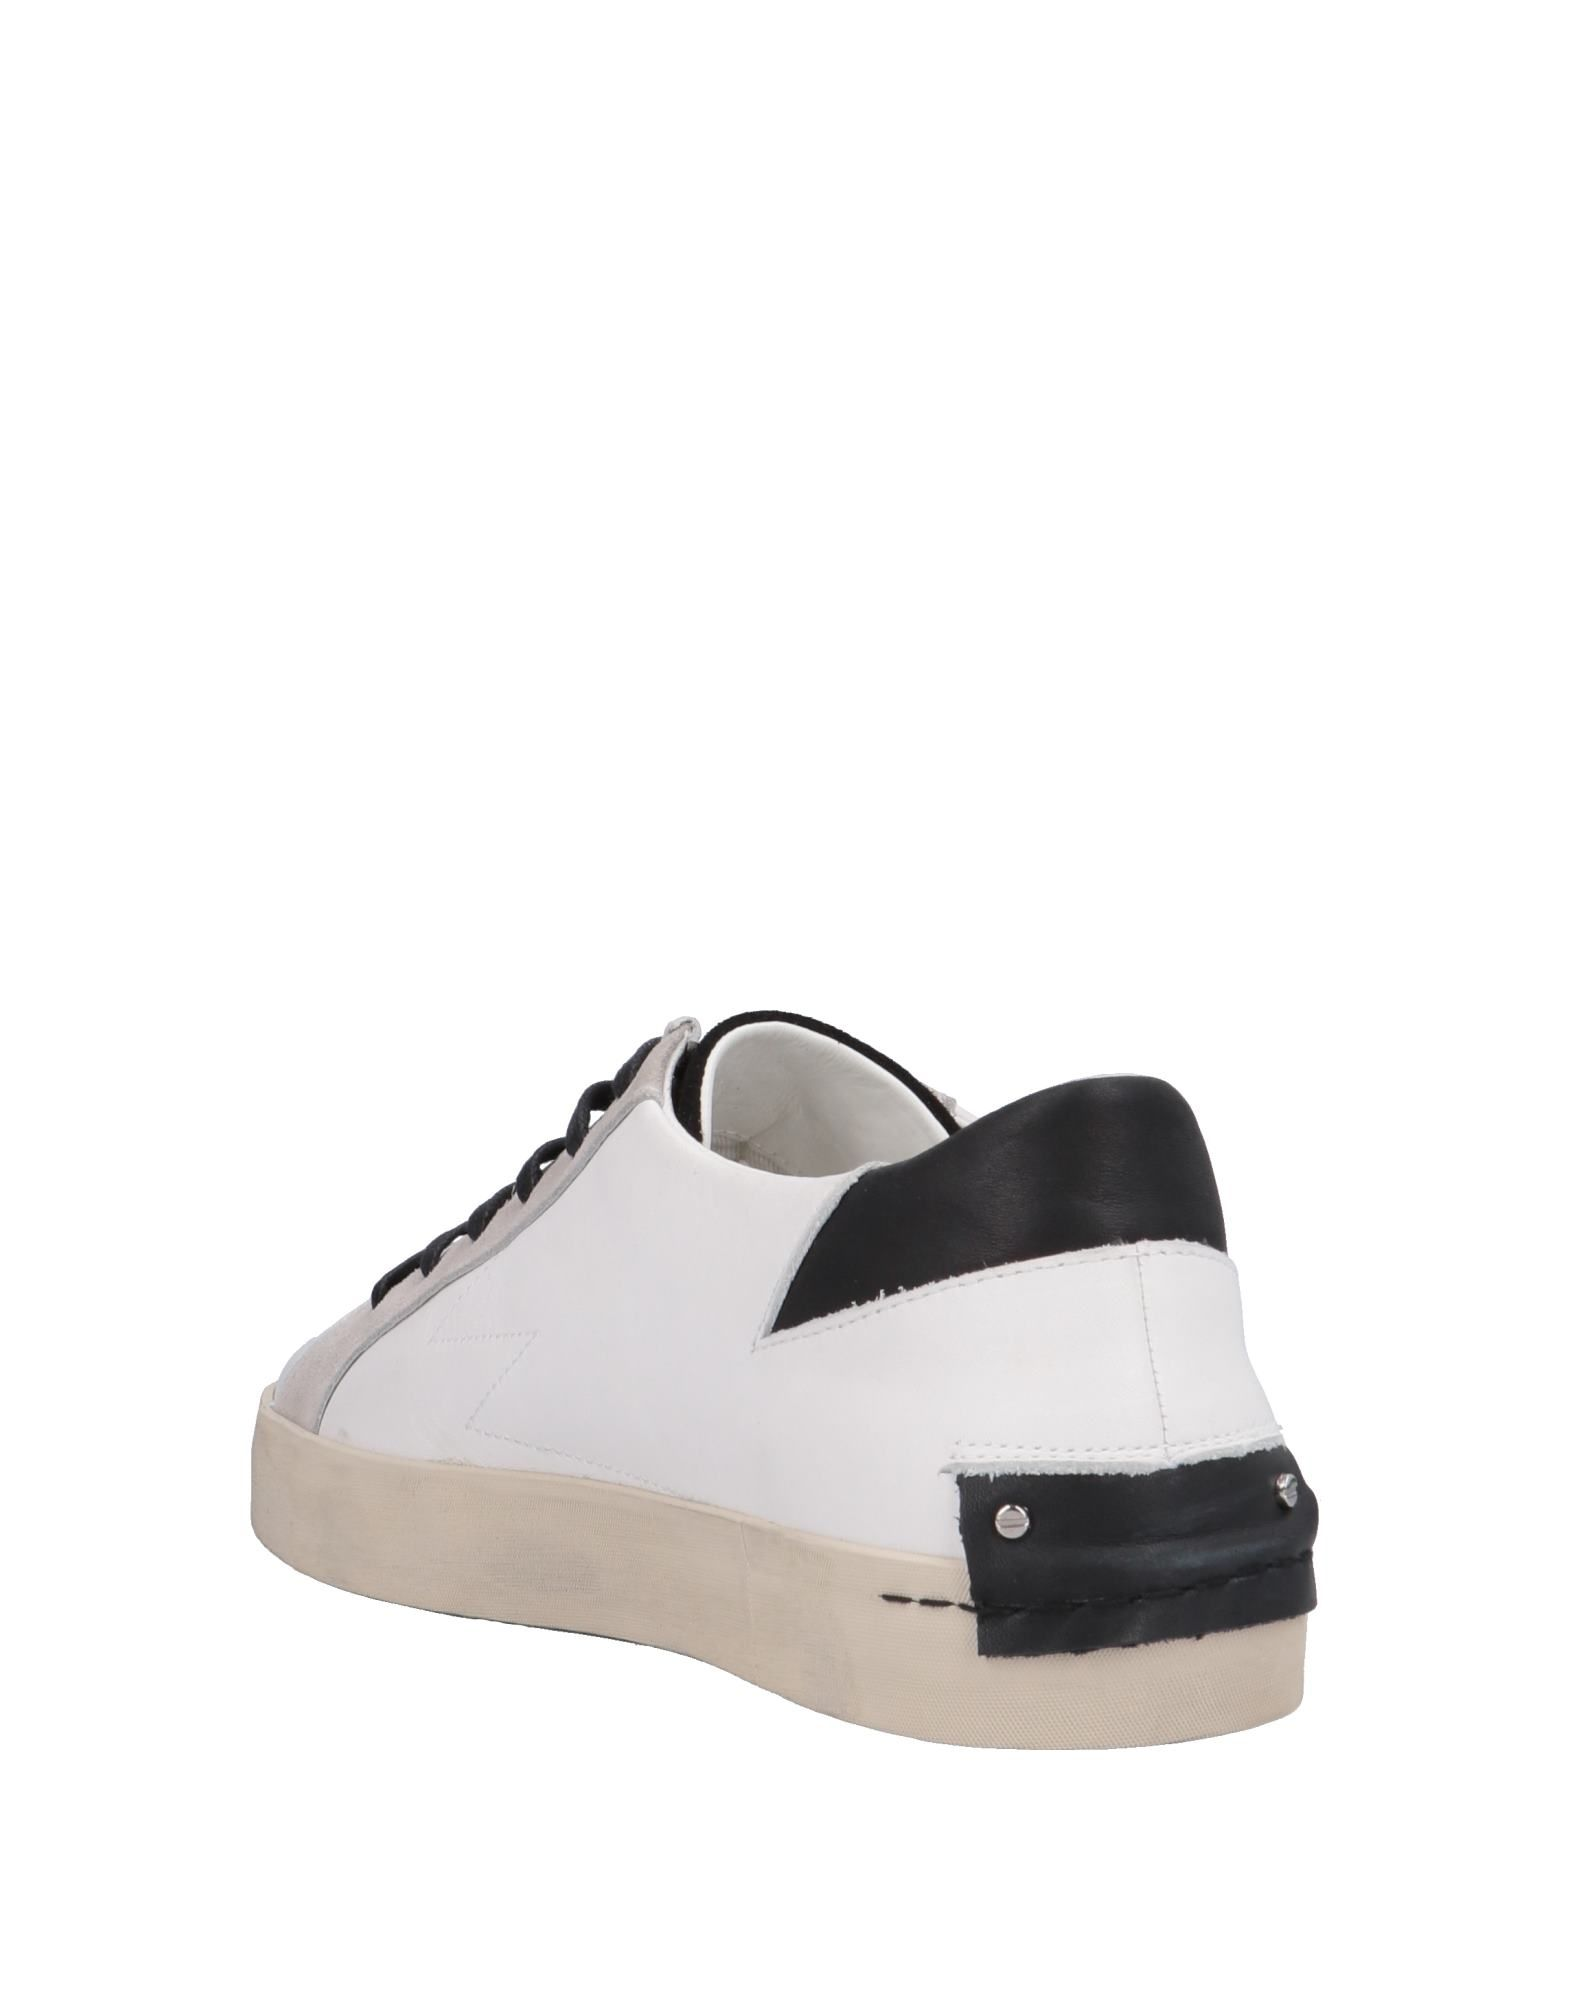 Crime London Sneakers Sneakers Sneakers - Men Crime London Sneakers online on  Australia - 11558857PA 4fff06